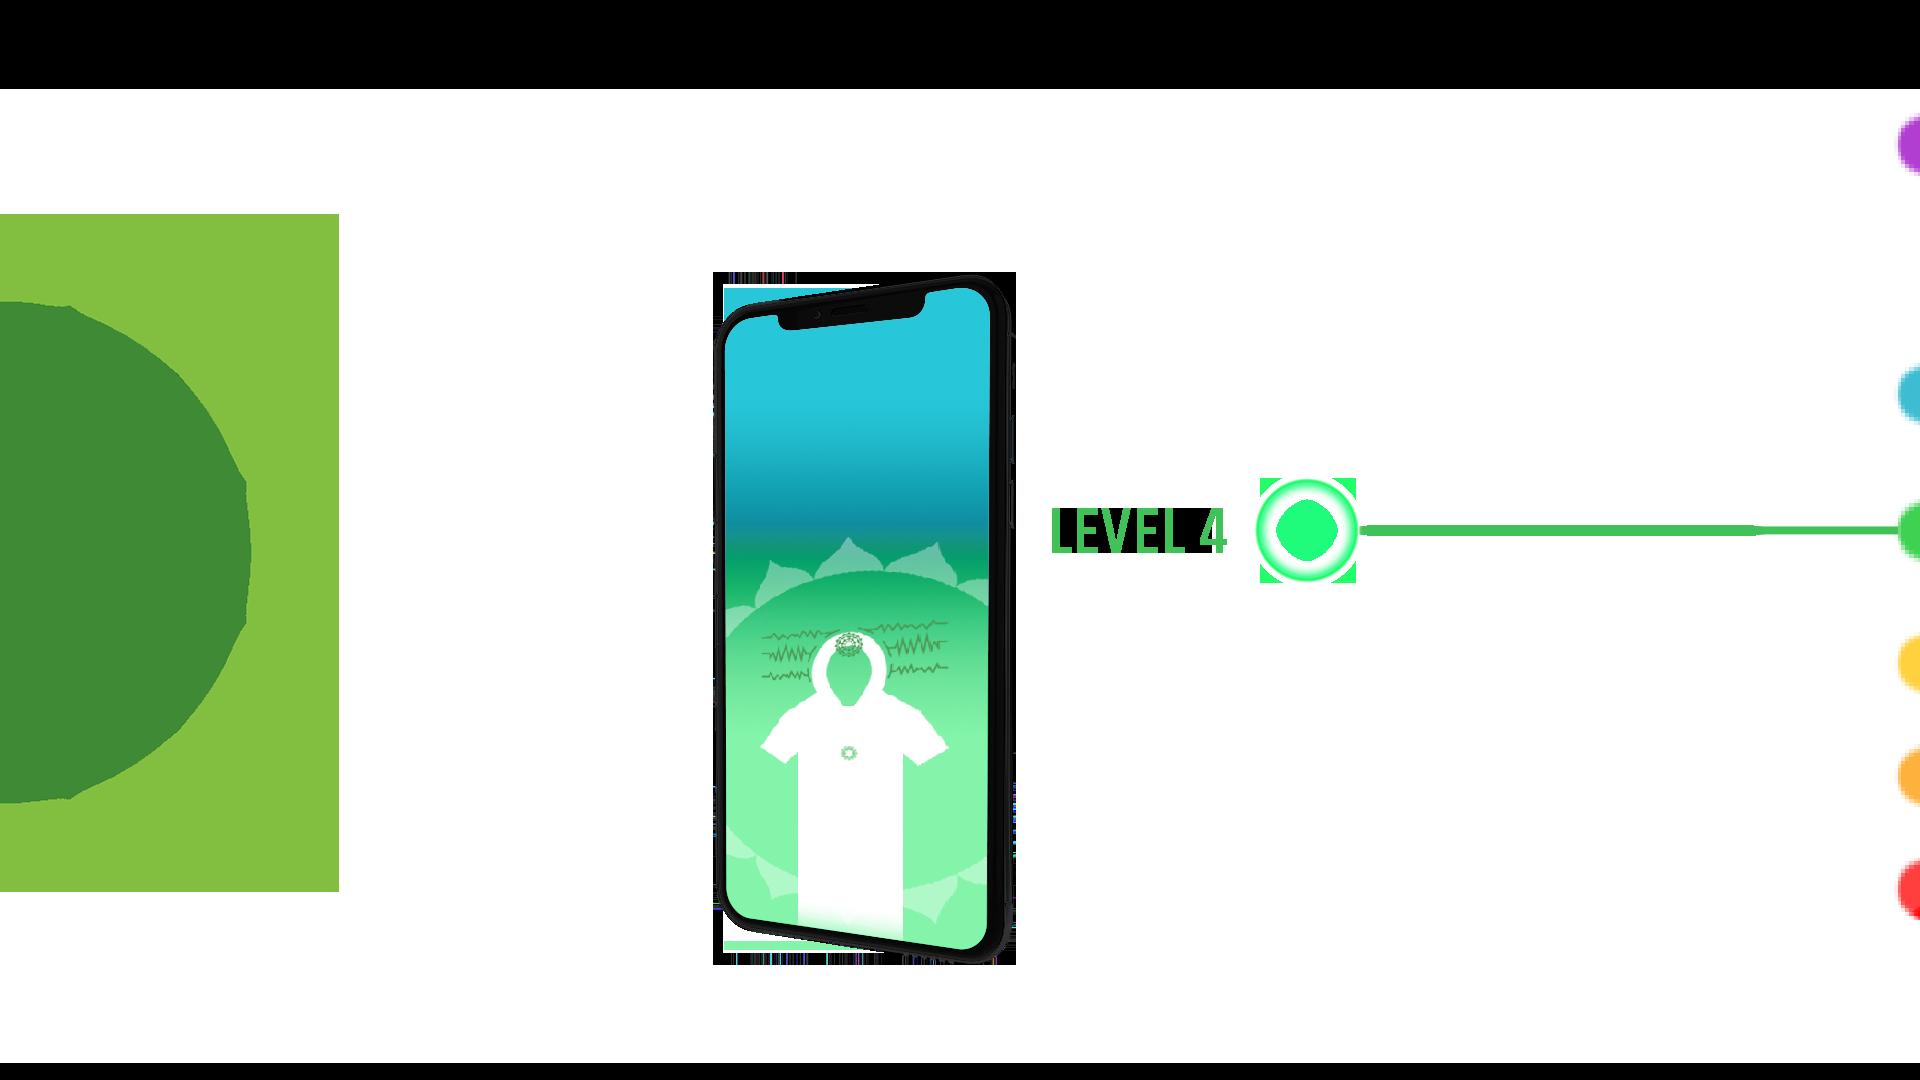 Med_Level4_Green